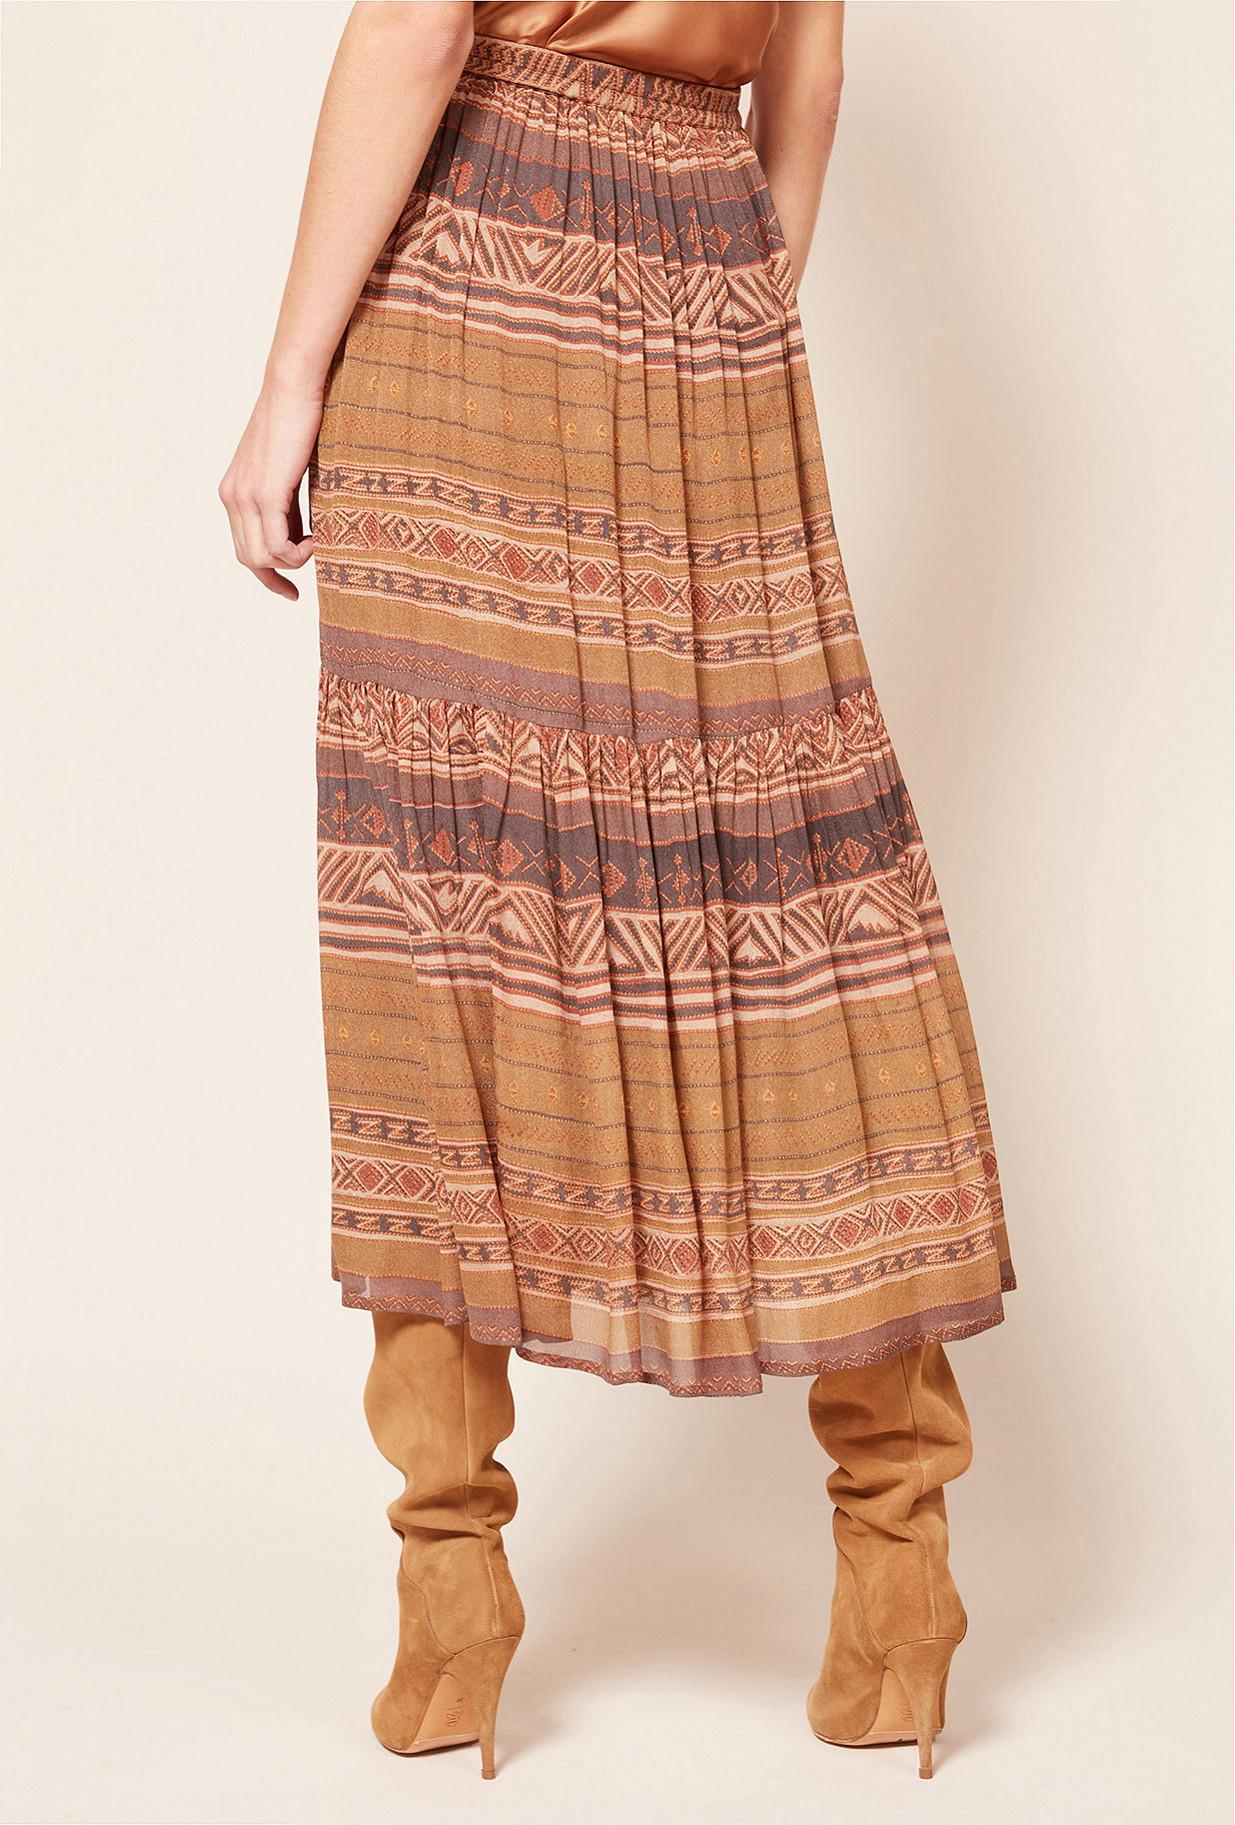 Paris clothes store Skirt  Contralto french designer fashion Paris